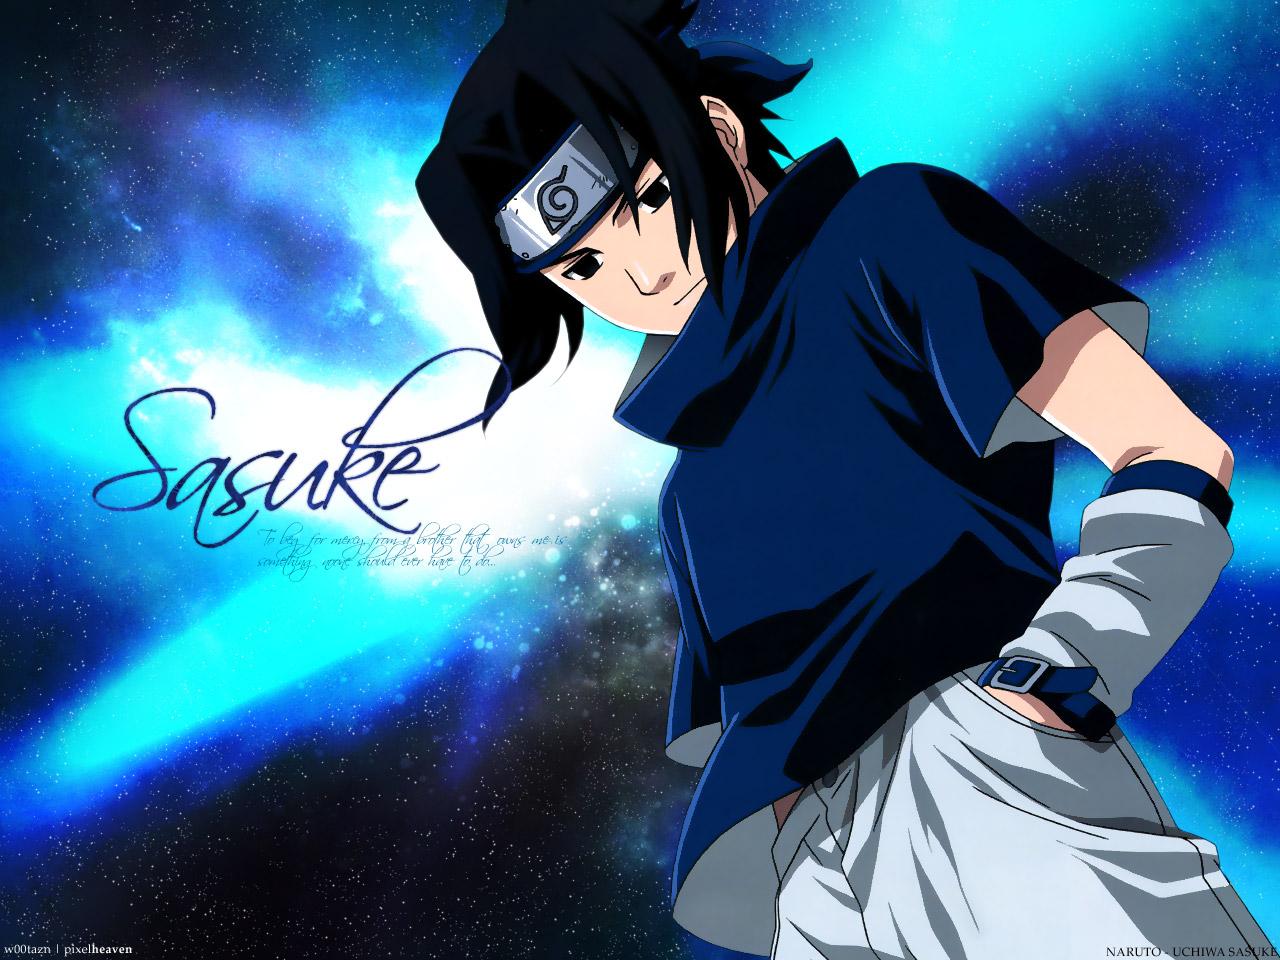 Biografia uchiha sasuke narutoanimedez - Sasuke naruto ...